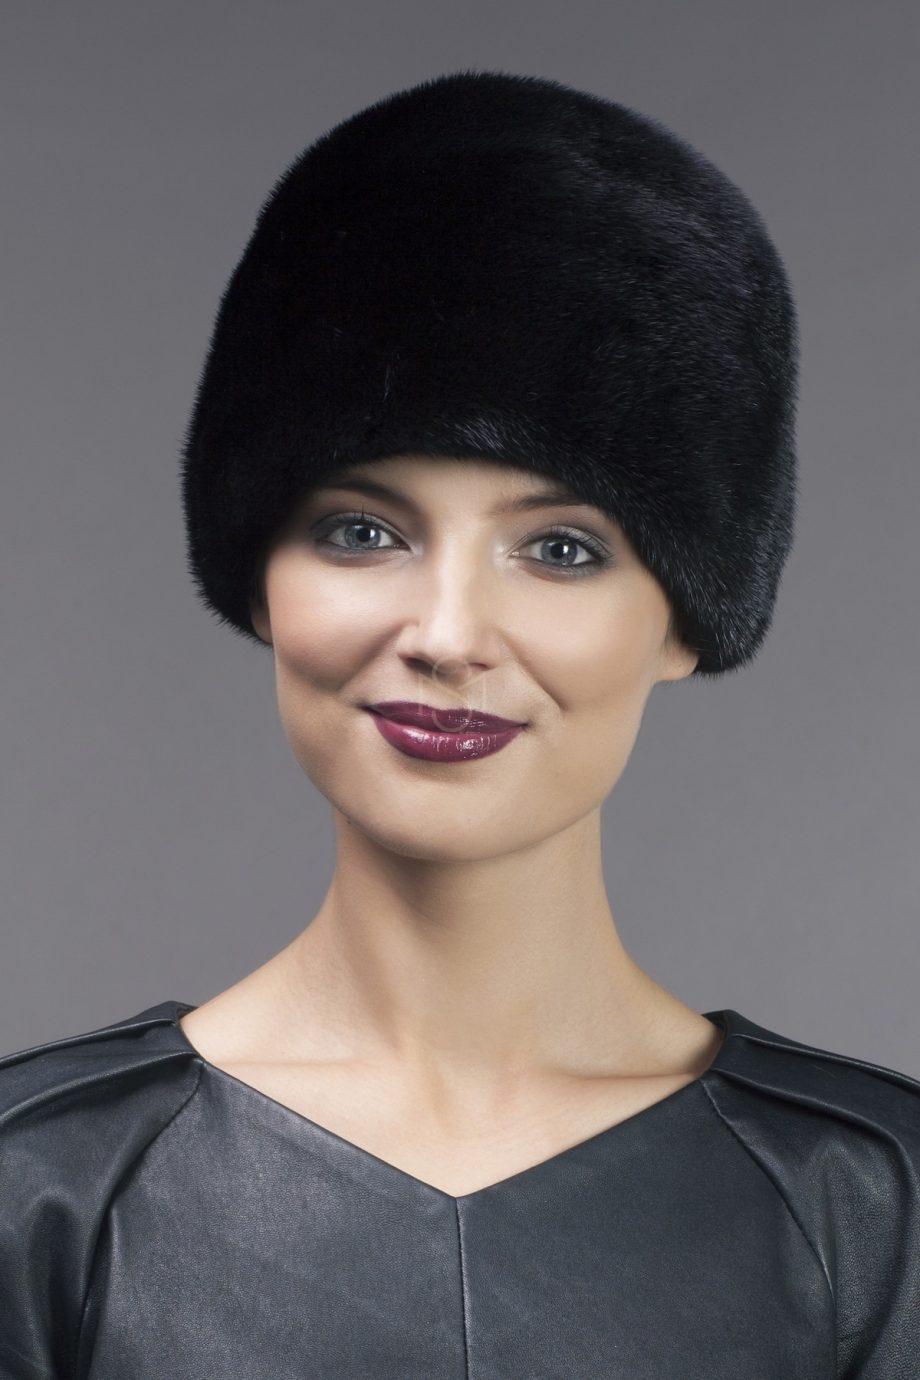 Mink fur hat